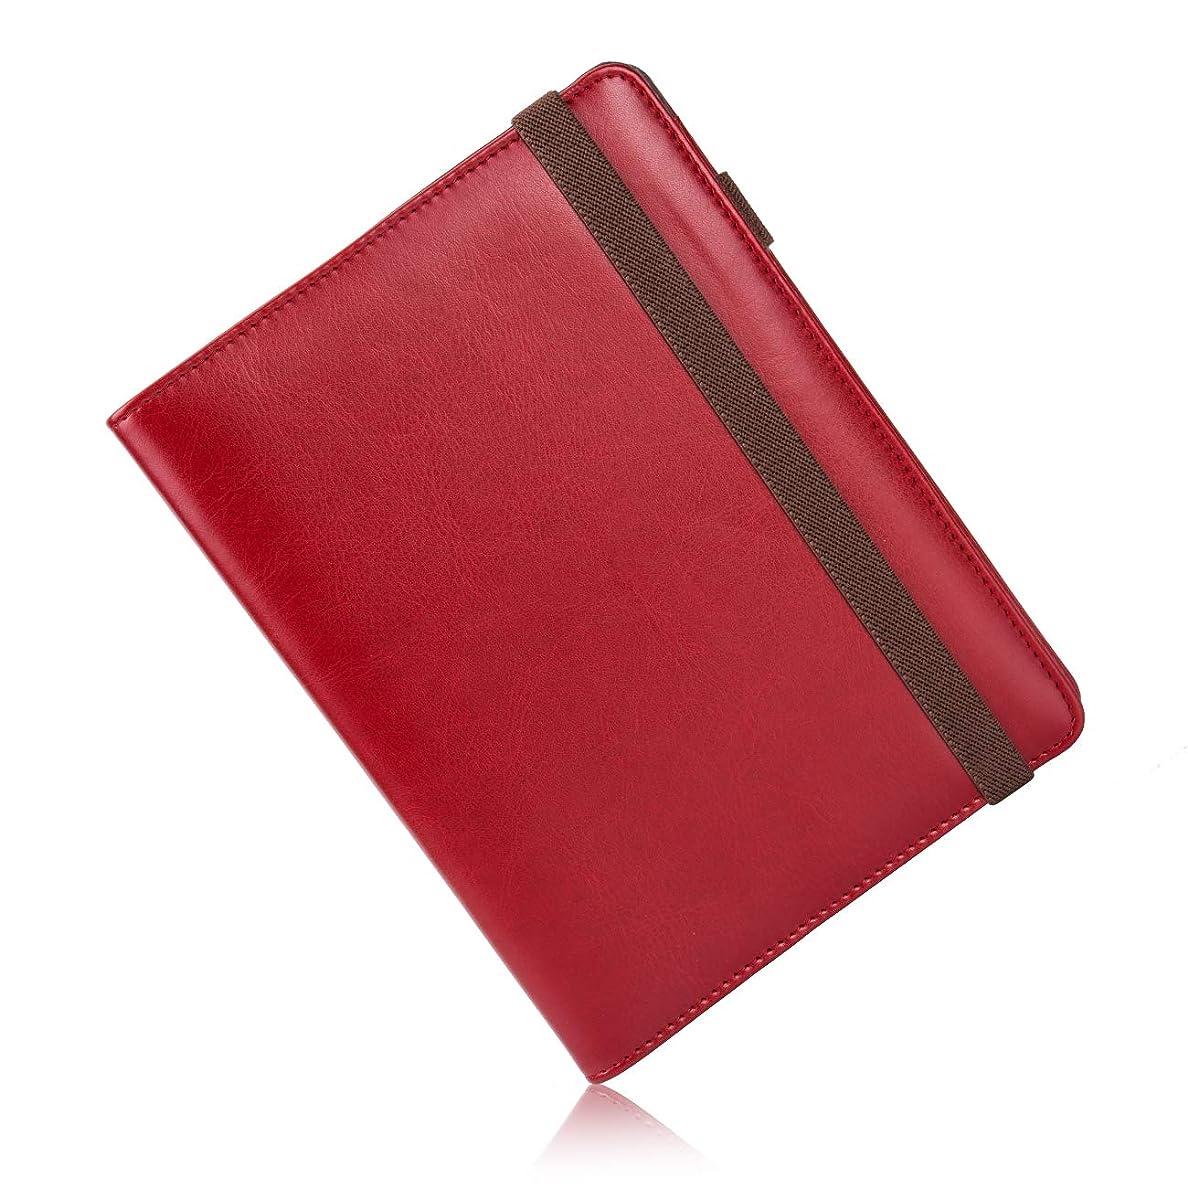 過激派ファイターチャレンジゴムバンド付き システム手帳 6穴 a5 リフィル スケジュール帳 バインダー (レッド)